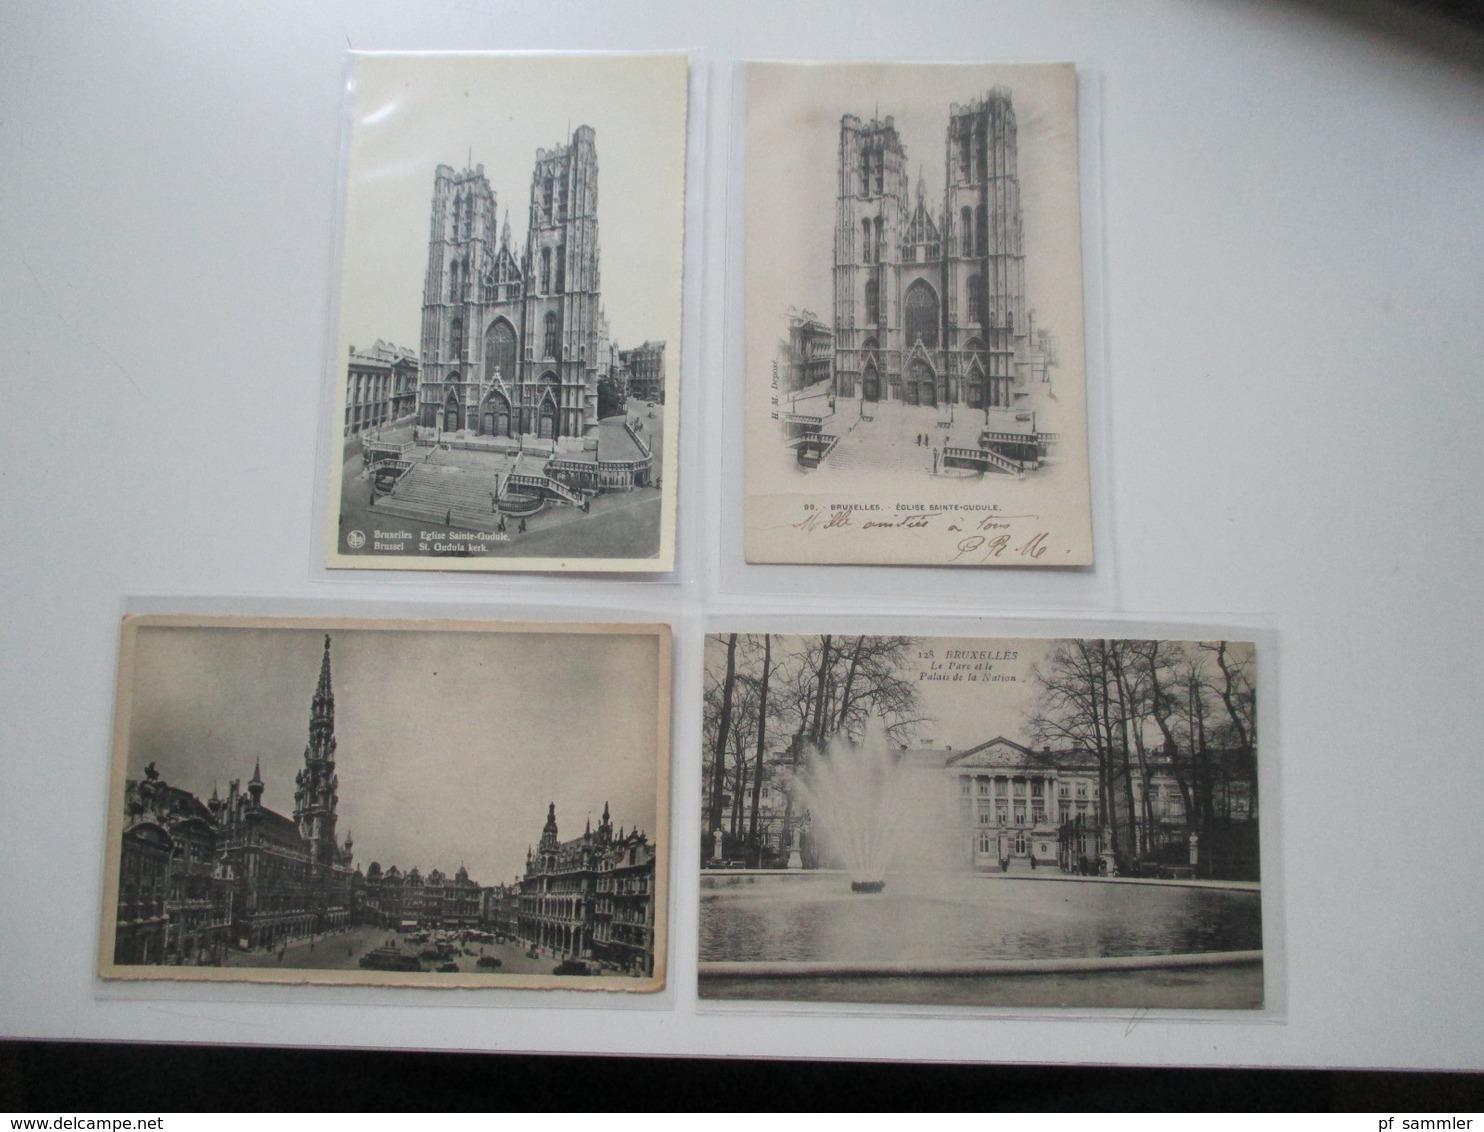 Belgien 1900 - 30er Jahre 240 AK Viele Schöne Motive! Etliches Ungelaufen Aber Auch Gelaufen! Viel Brüssel! - Ansichtskarten